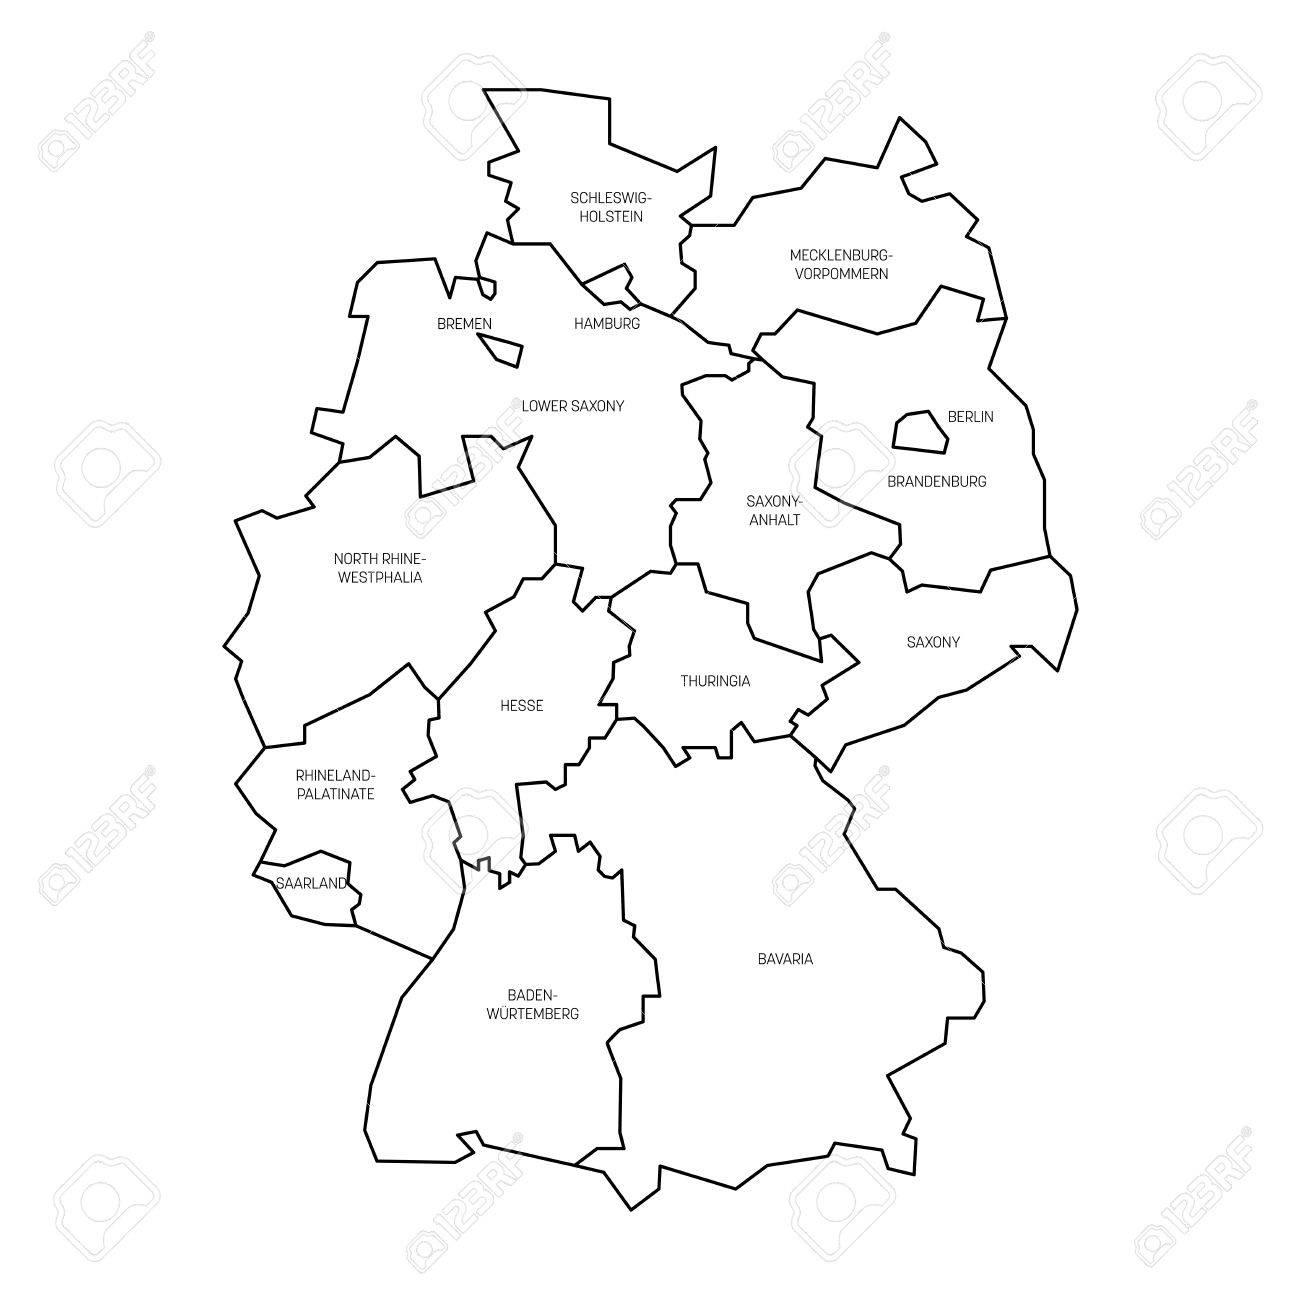 Germania Cartina Muta.Vettoriale Mappa Della Germania Divisa A 13 Stati Federali E 3 Citta Stato Berlino Brema E Amburgo L Europa Semplice Mappa Vettoriale Bianco Piatto Con Contorni Neri E Le Etichette Image 77734971